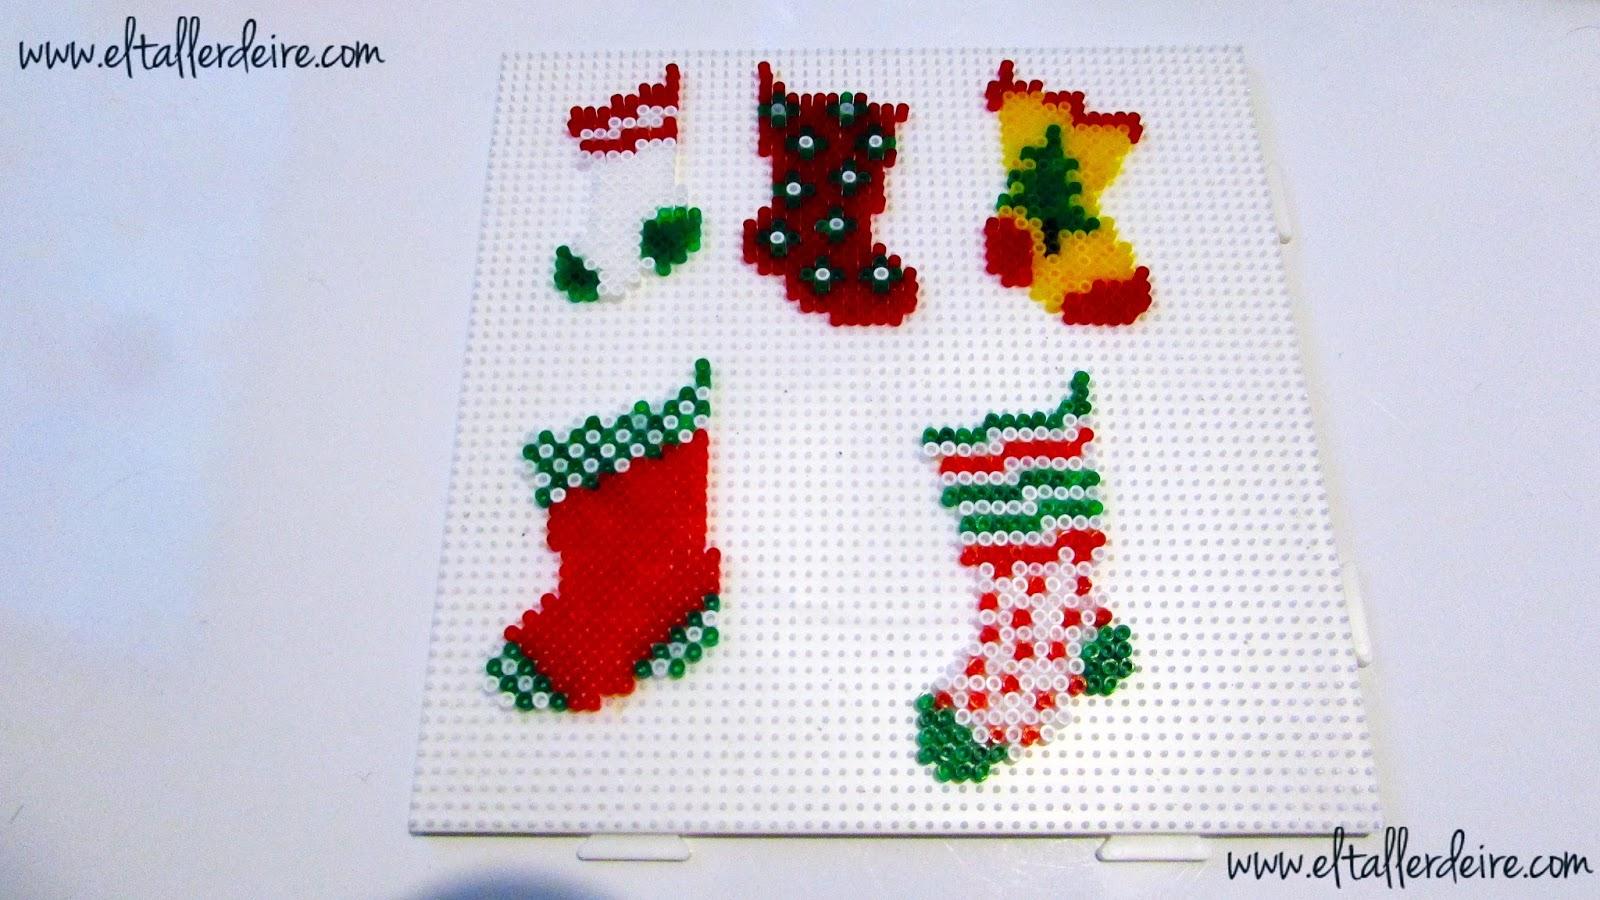 coloca los hama beads sobre la base de pinchitos siguiendo los patrones